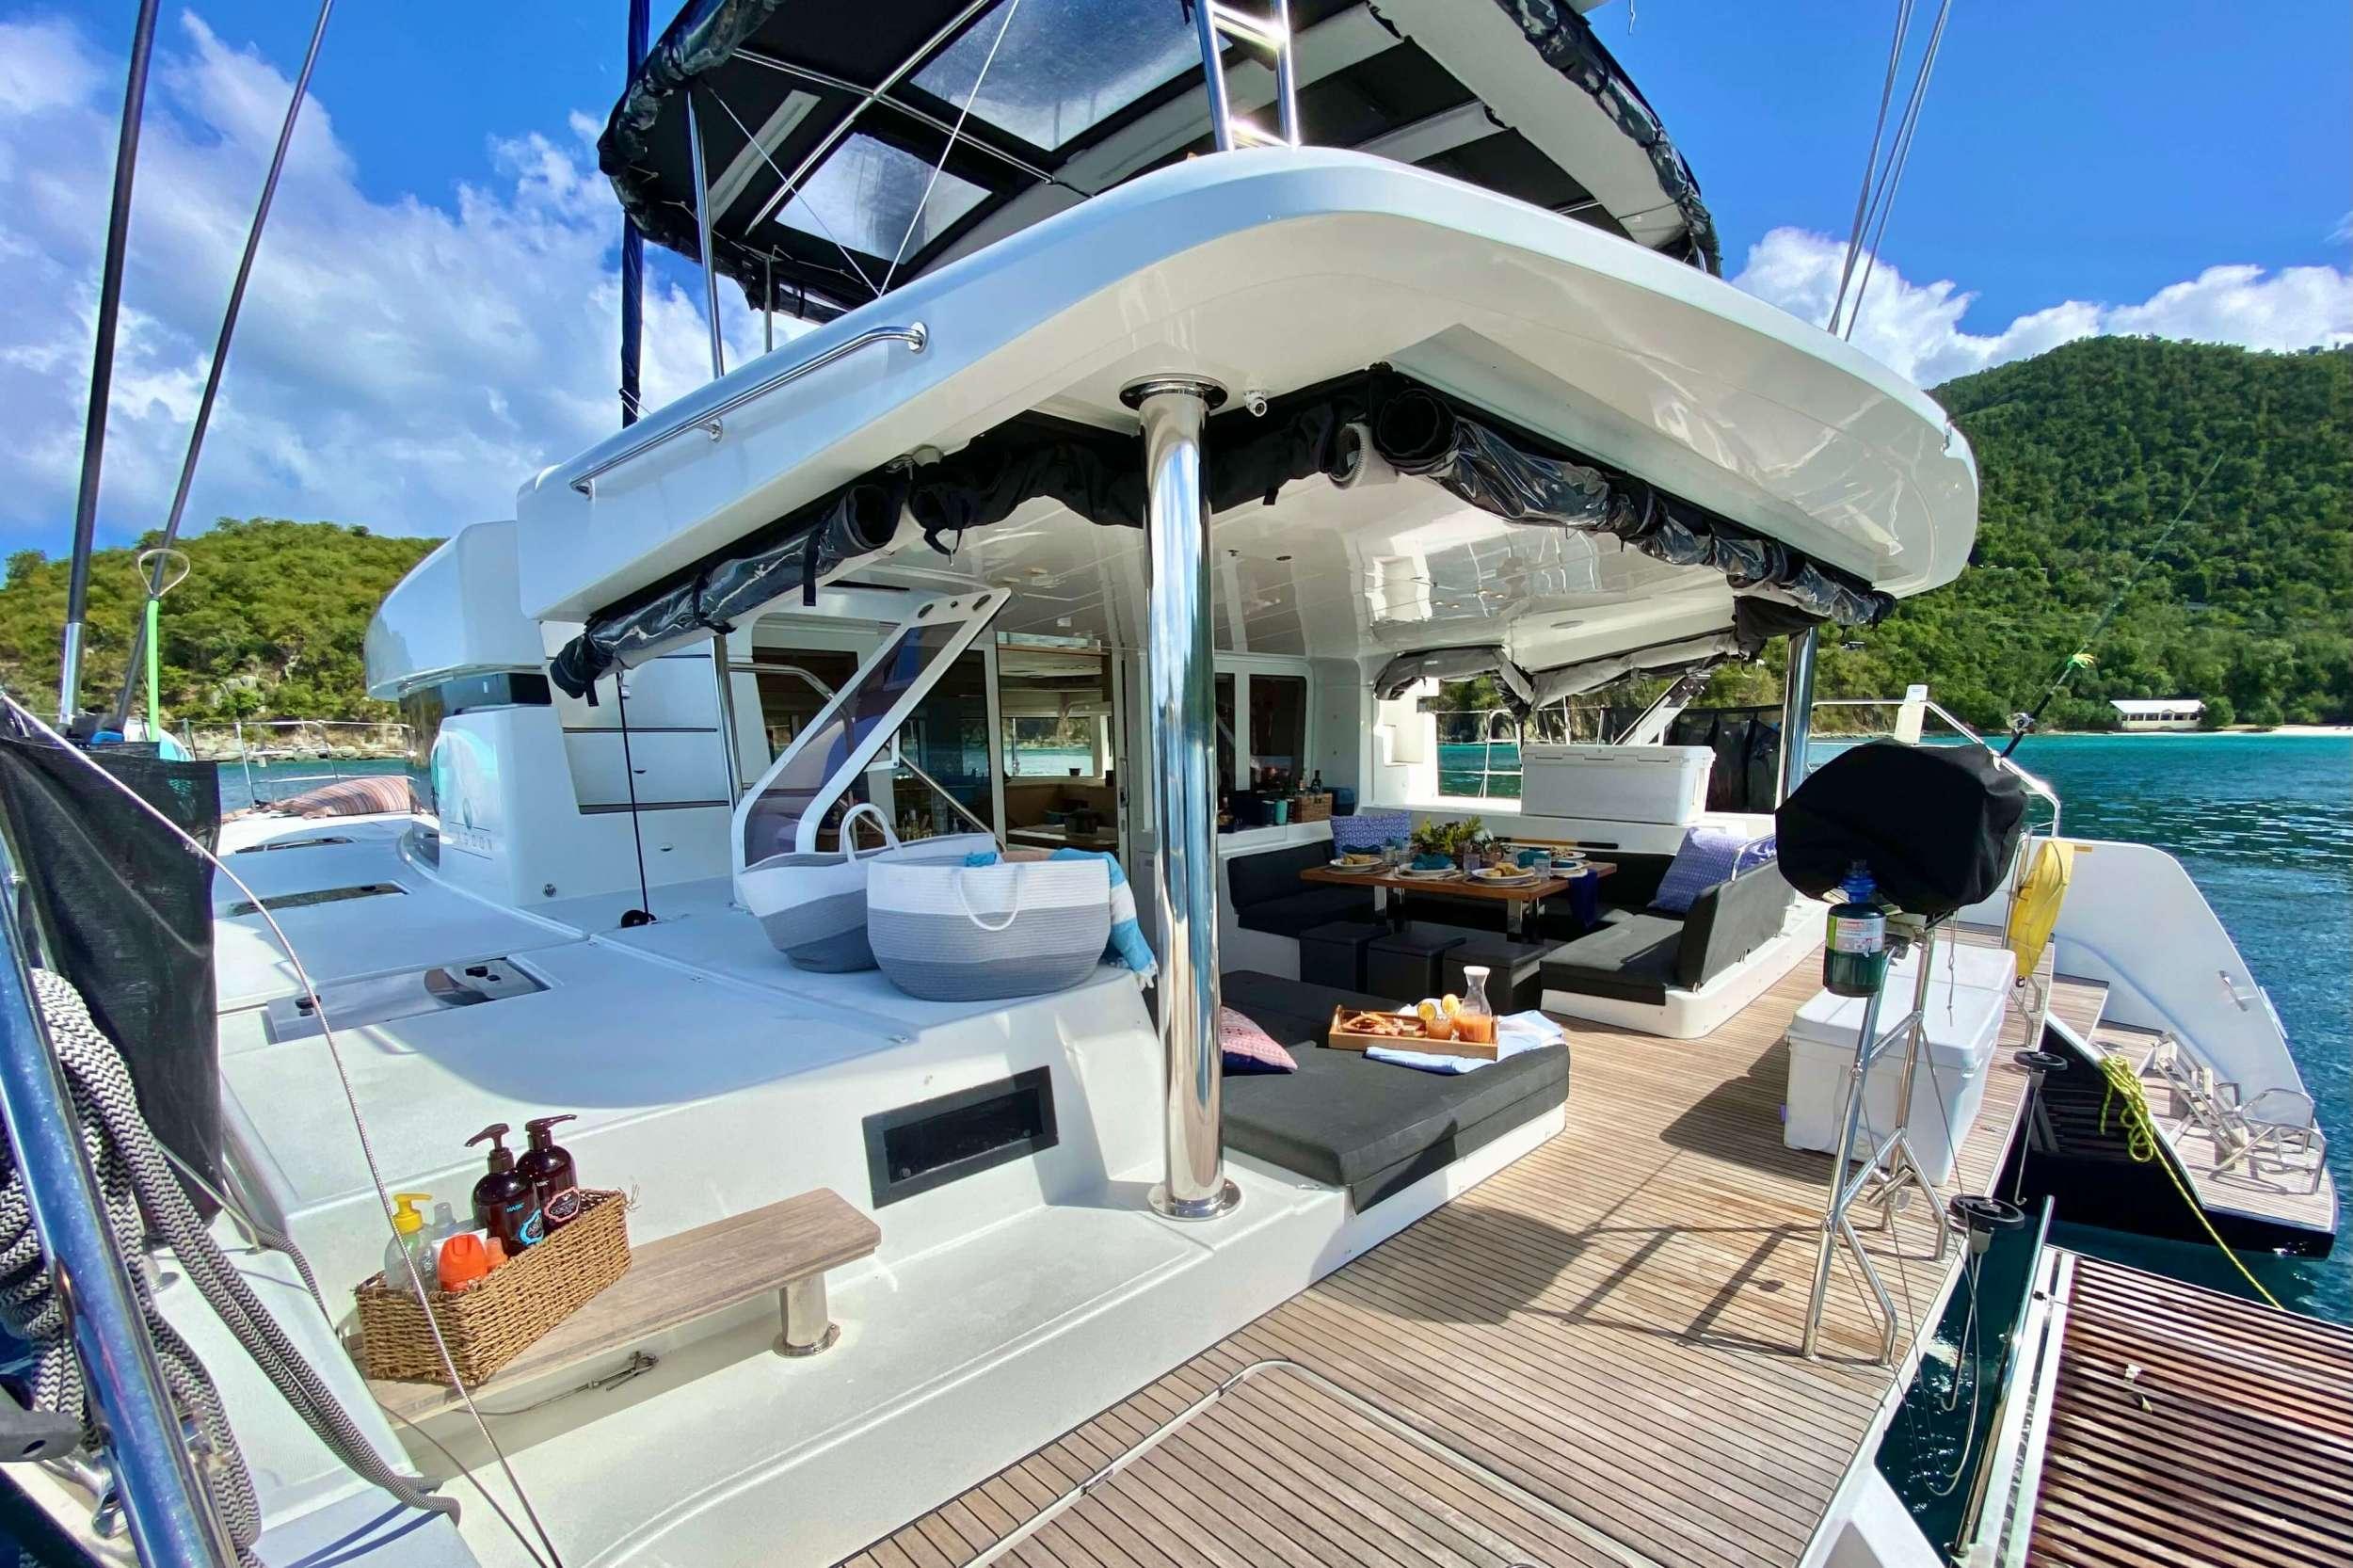 Ventana Sailing